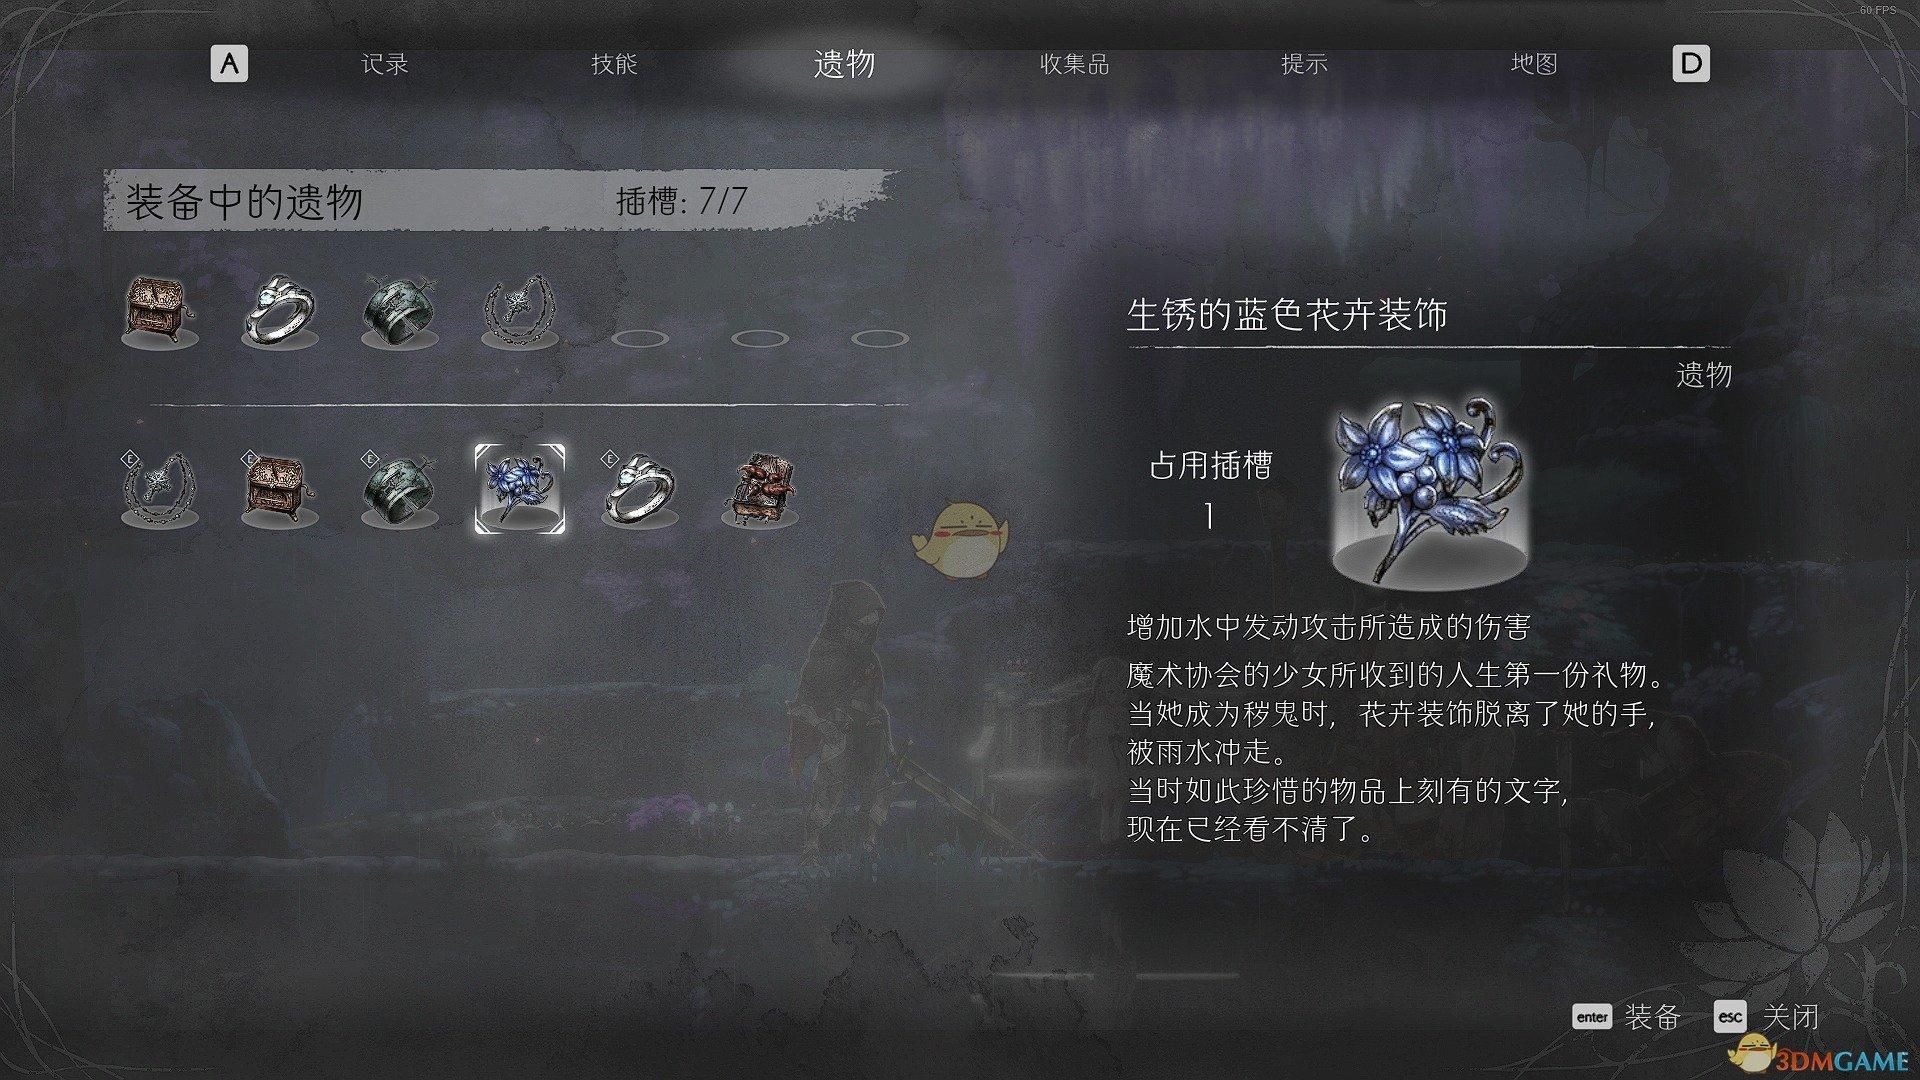 《终结的百合花:骑士们的救赎》遗物生锈的蓝色花卉装饰效果介绍